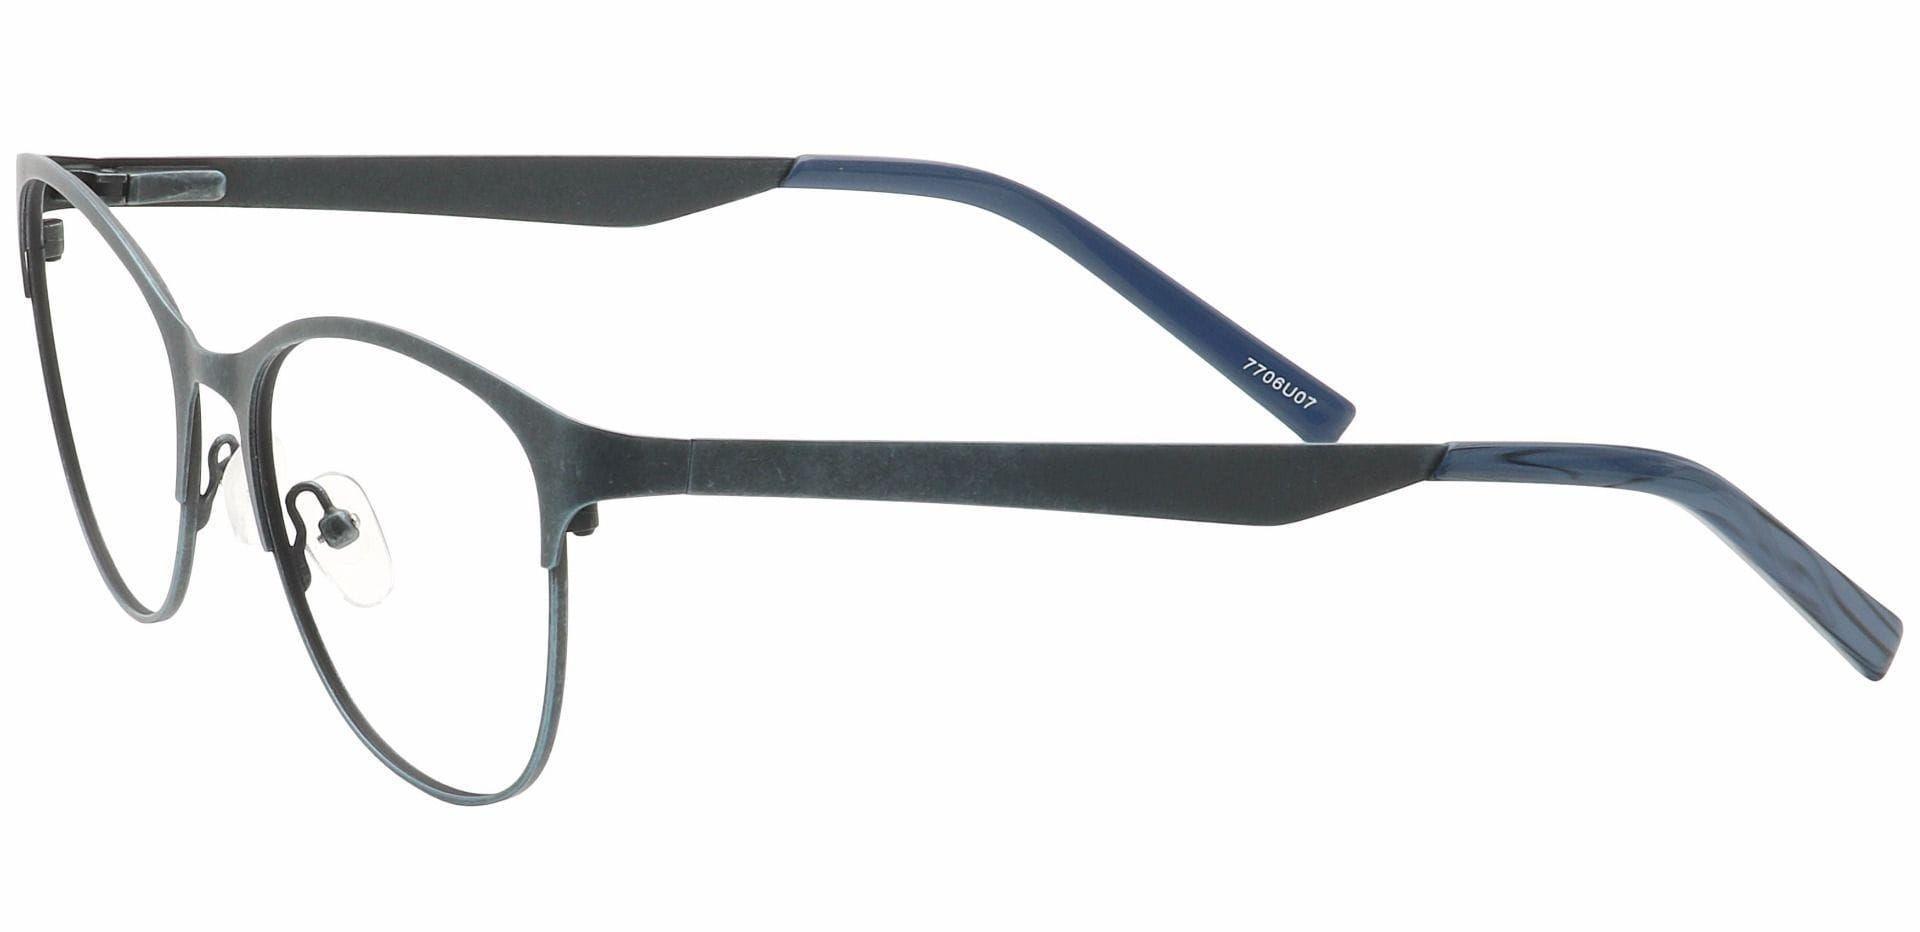 Feli Cat-Eye Progressive Glasses - Blue